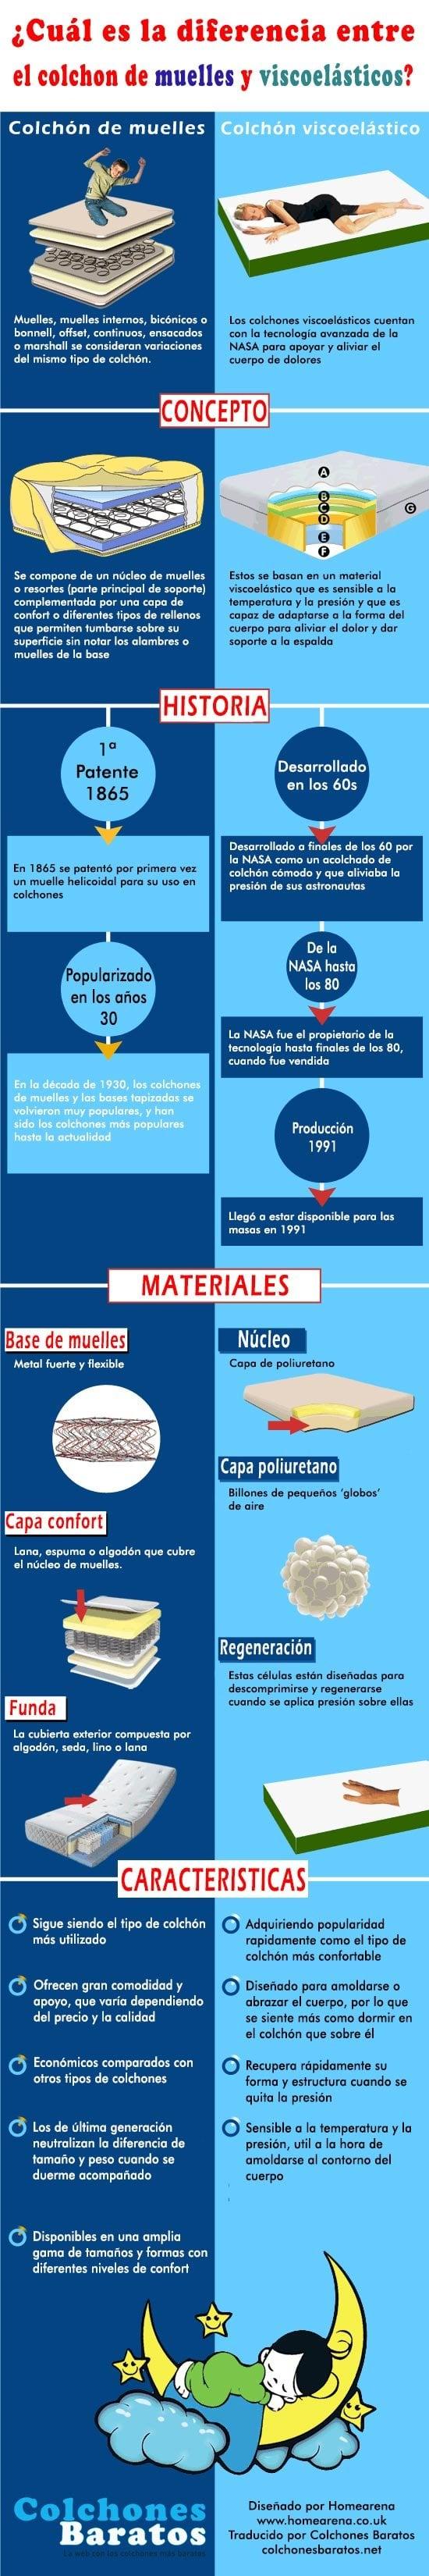 colchones de muelles vs viscoelasticos